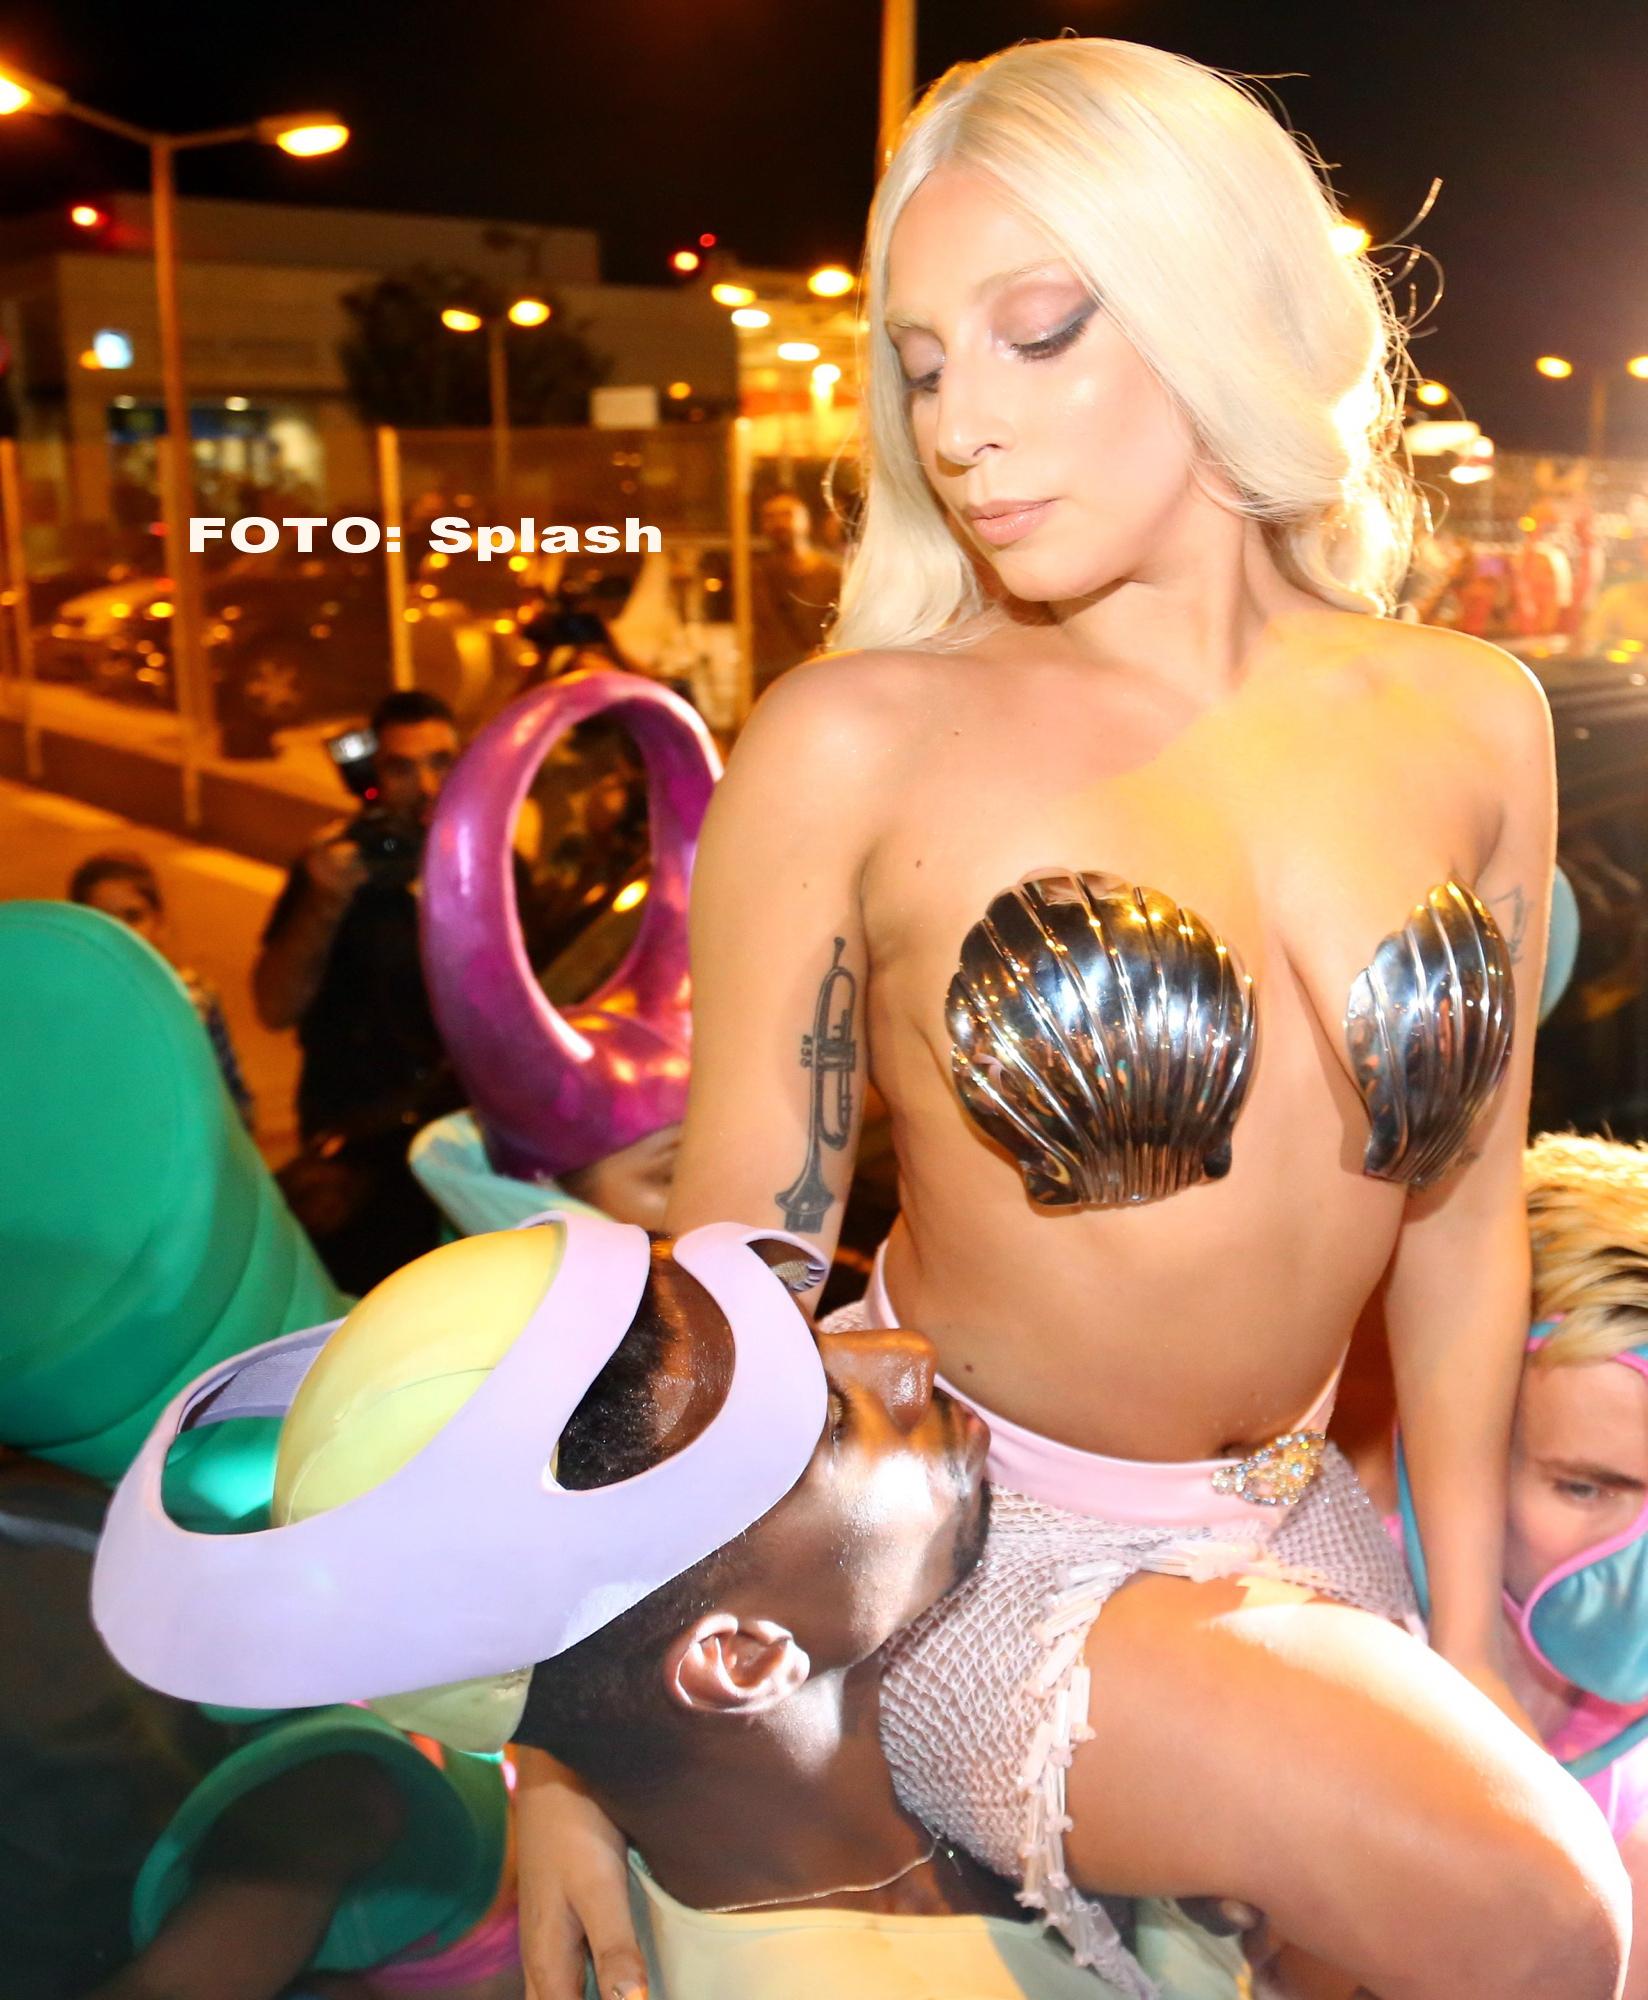 Lady Gaga a facut senzatie pe aeroportul din Atena. A aparut imbracata doar cu un slip si .. 2 scoici. GALERIE FOTO